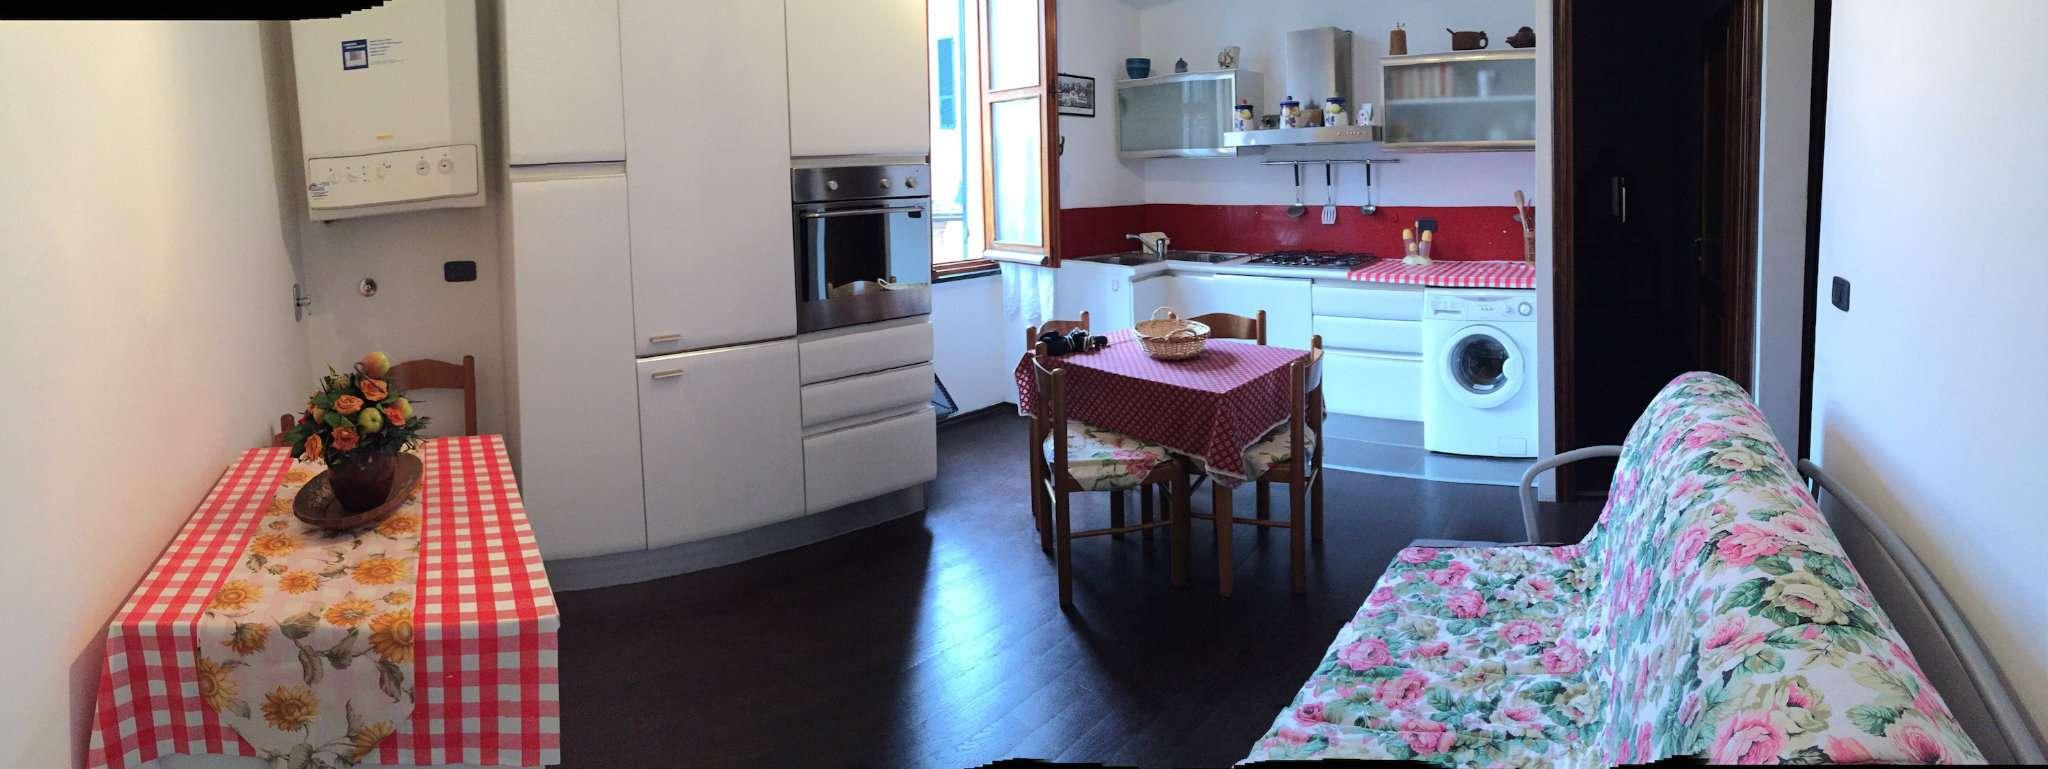 Appartamento in vendita a Lavagna, 3 locali, prezzo € 190.000 | CambioCasa.it